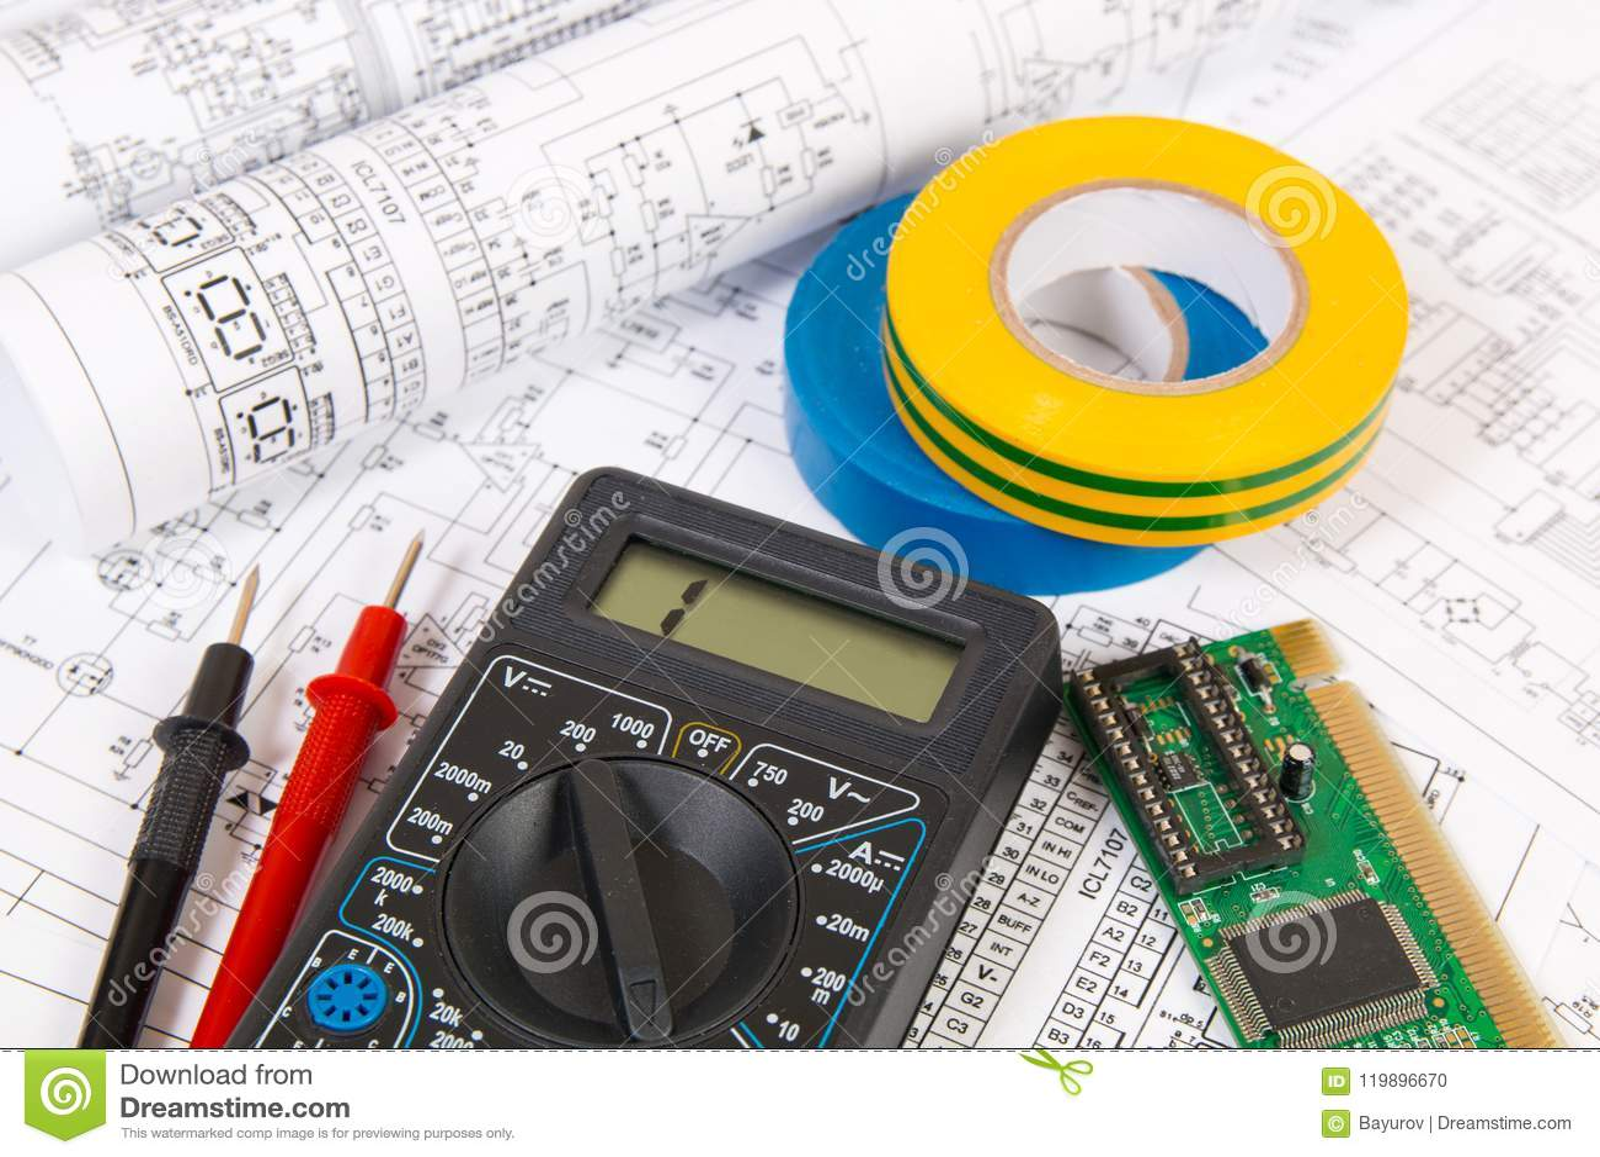 Electrnica Y Circuitos El Multimetro Digital Su Testing Circuit With Multimeter Stock Image 20315121 Dibujos Impresos De Elctricos Del Multmetro Tablero Electrnico La